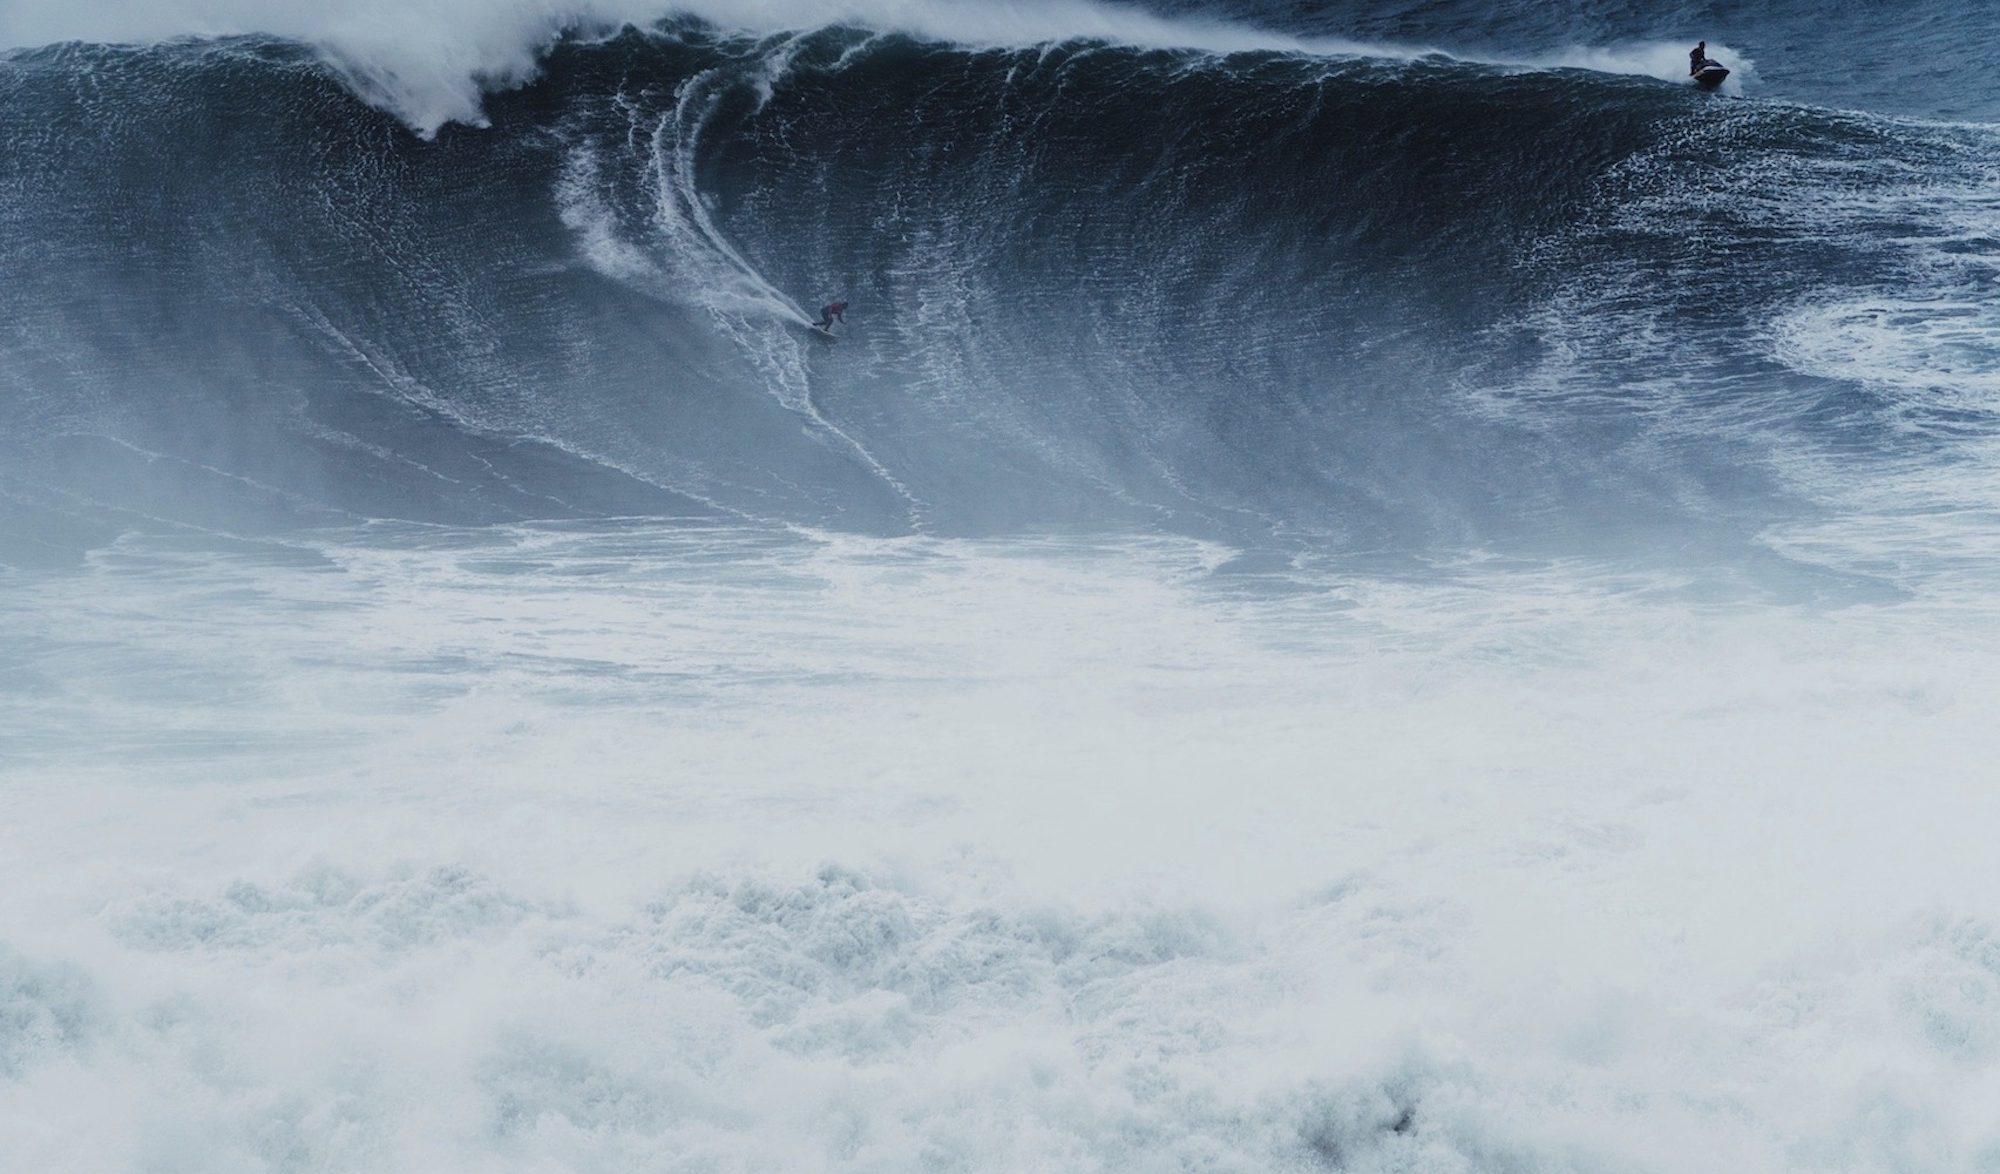 Sounds of surfing, un film de Vincent Kardasik sur le travail du DJ Molécule